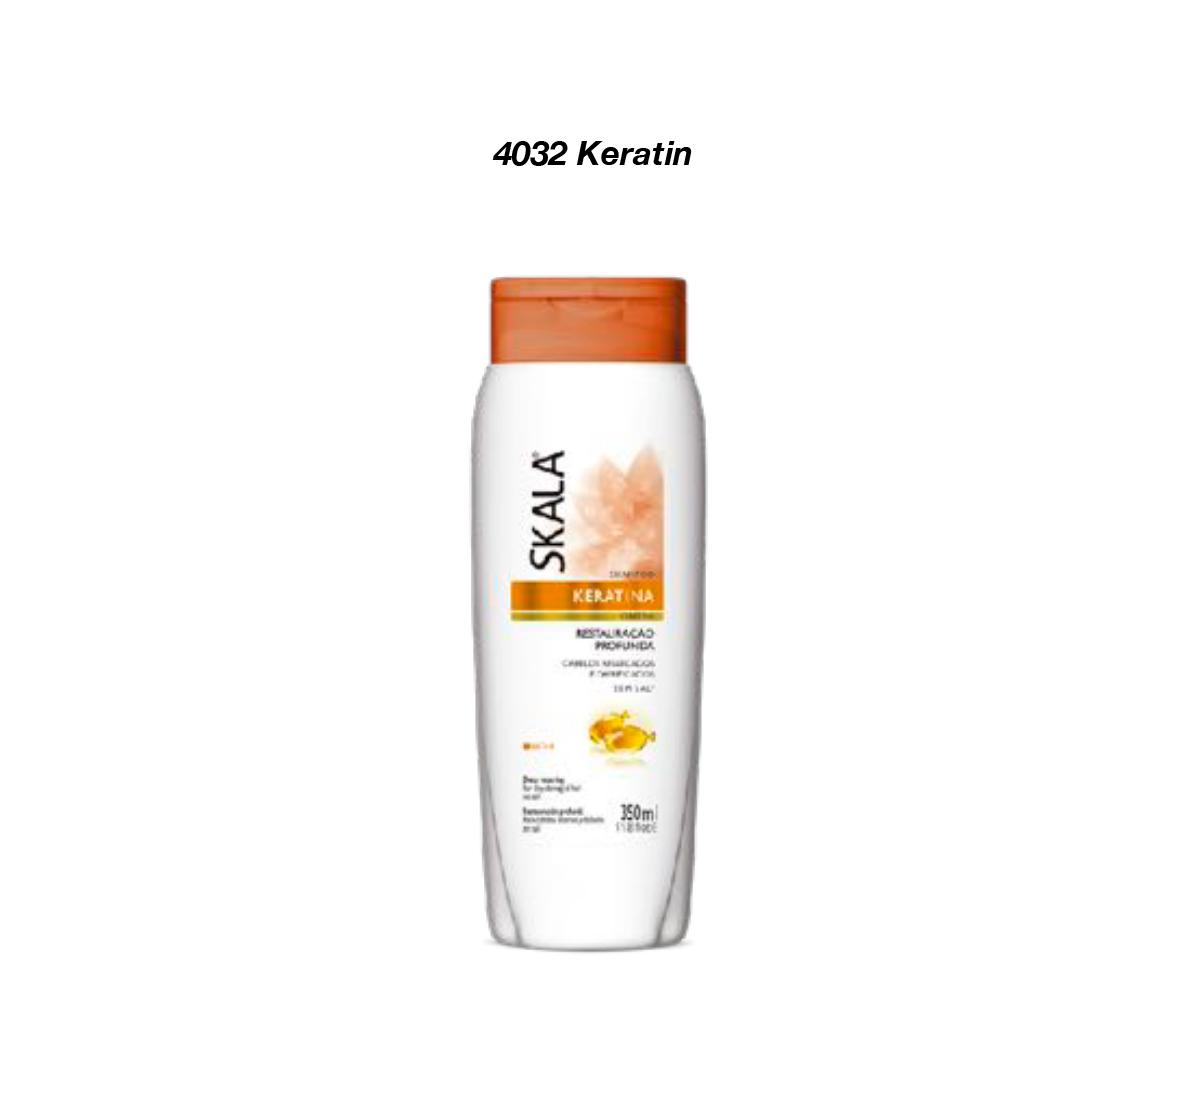 Skala Shampoo Keratin